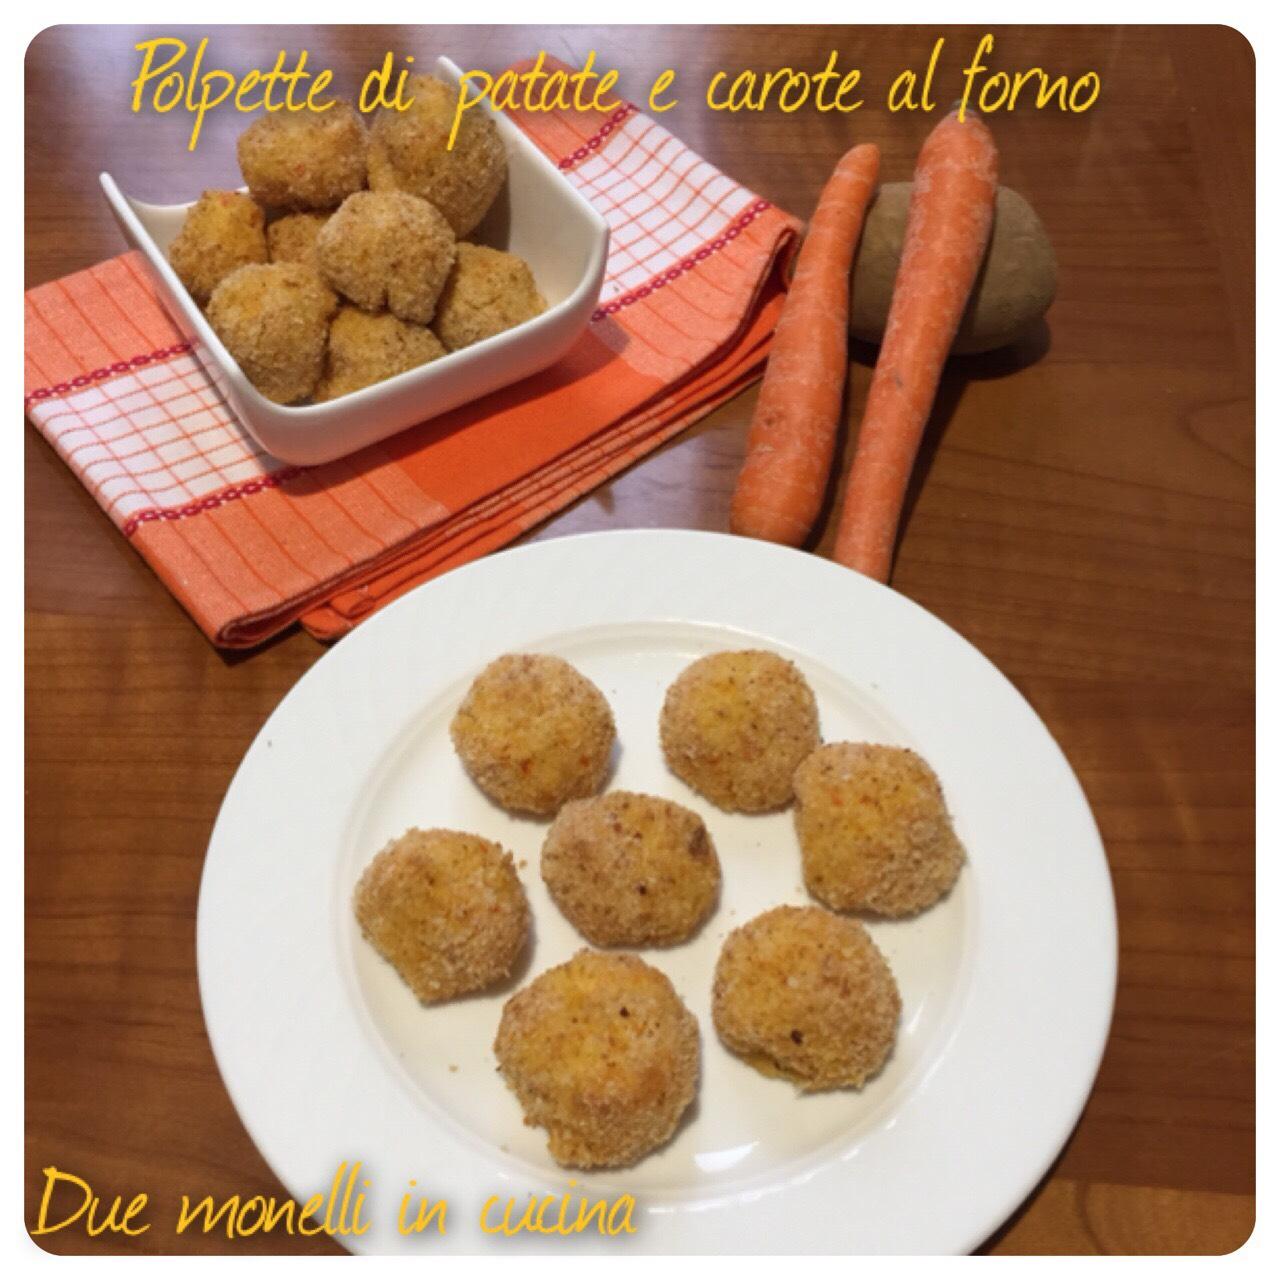 Polpette di patate e carote al forno